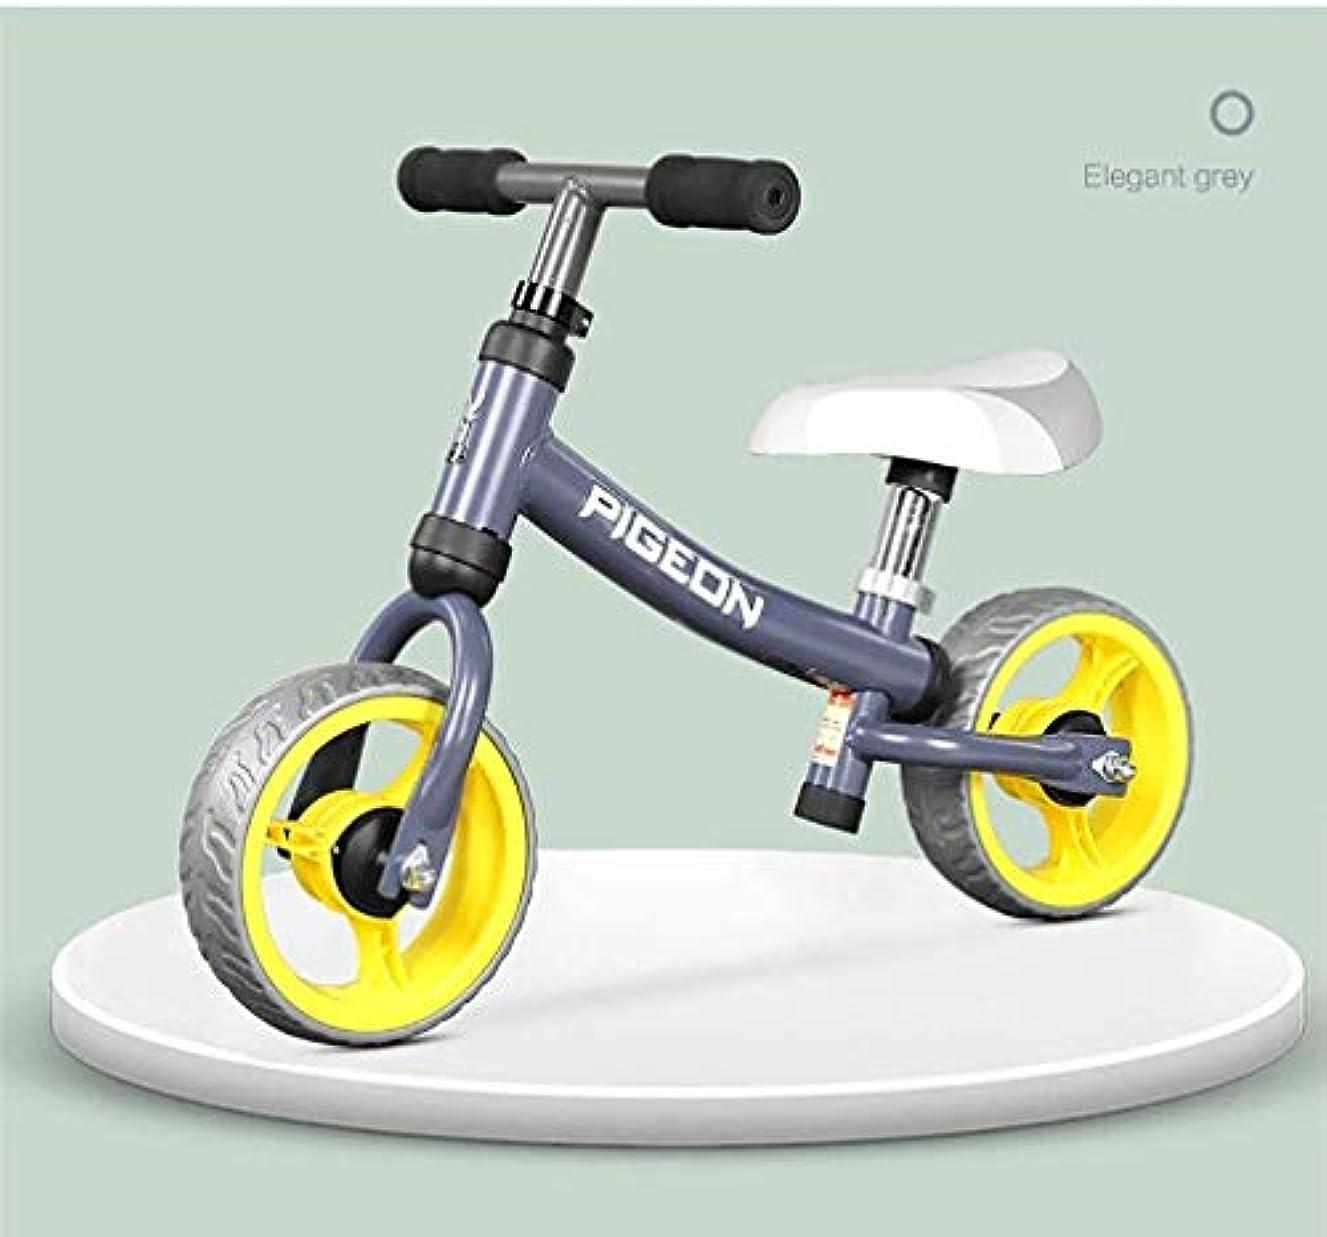 虫ドリルアート男の子と女の子のための子供のバランスバイク、1-4歳ノーペダル学ぶために乗る自転車EVAホイールアジャスタブルシートハンドルカーボンスチールフレームスポーツ自転車